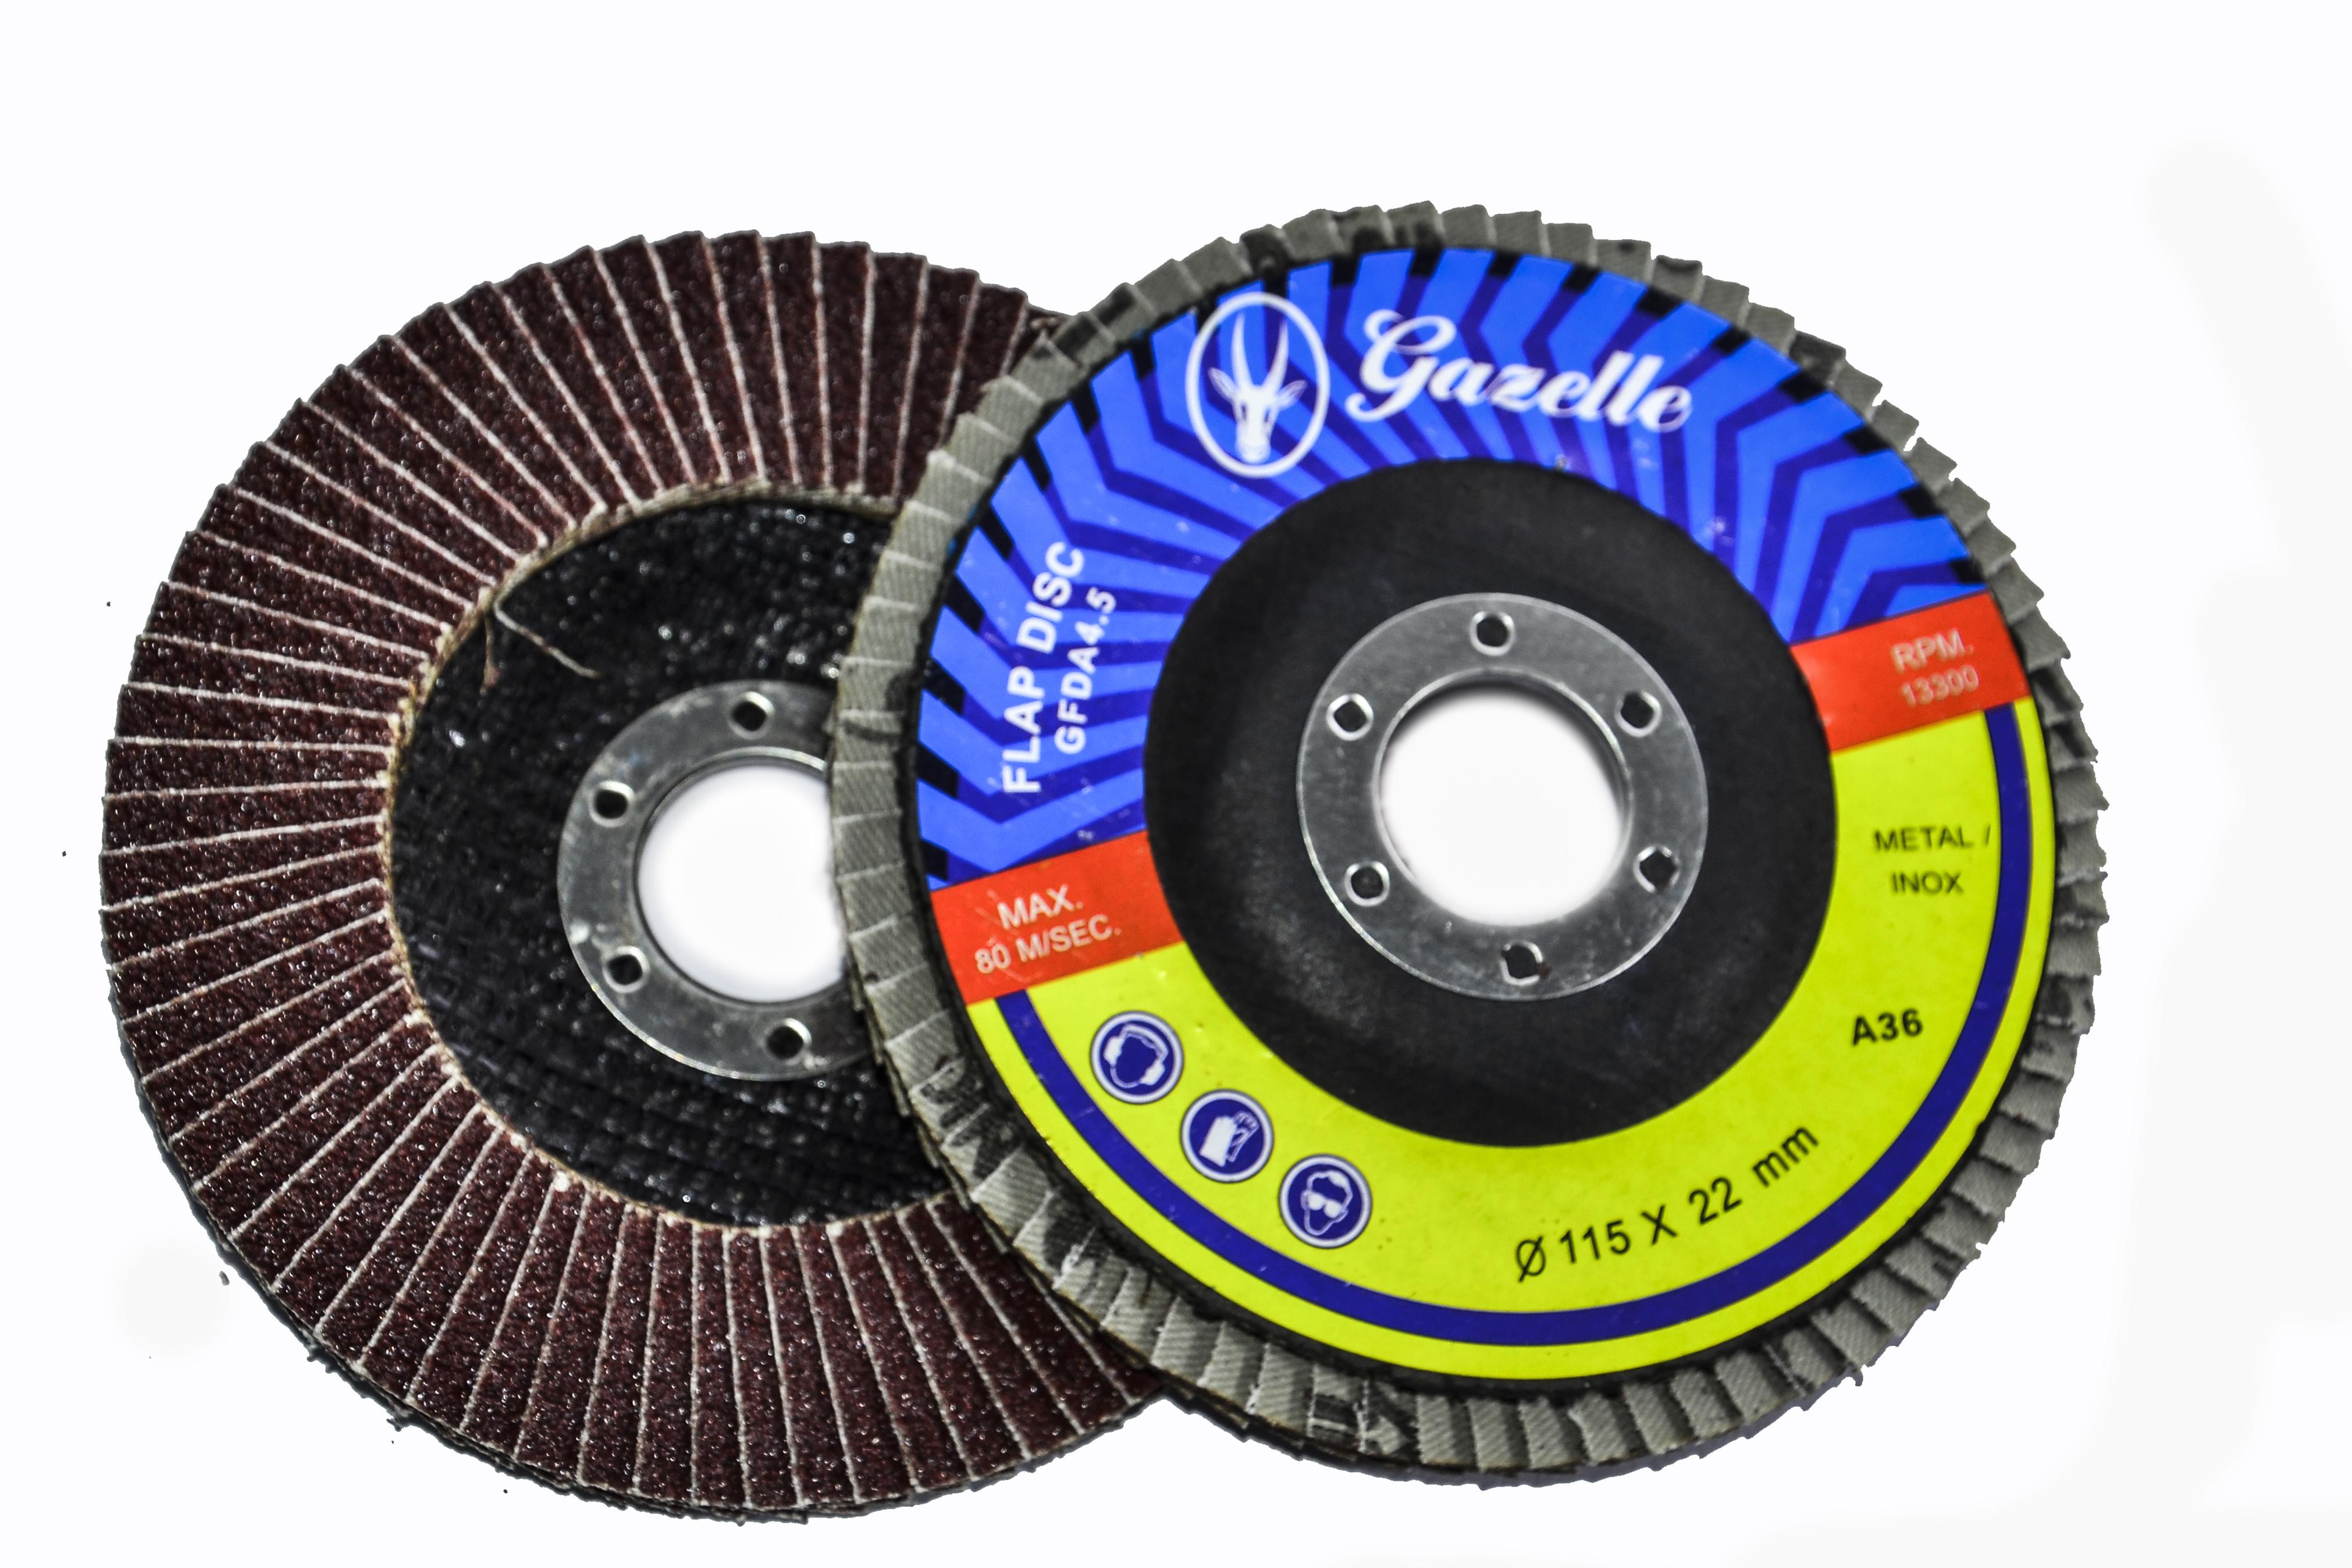 GAZELLE GFDZ4580G - Flap Disc 4.5in – 115mm x 80Grit Zircon